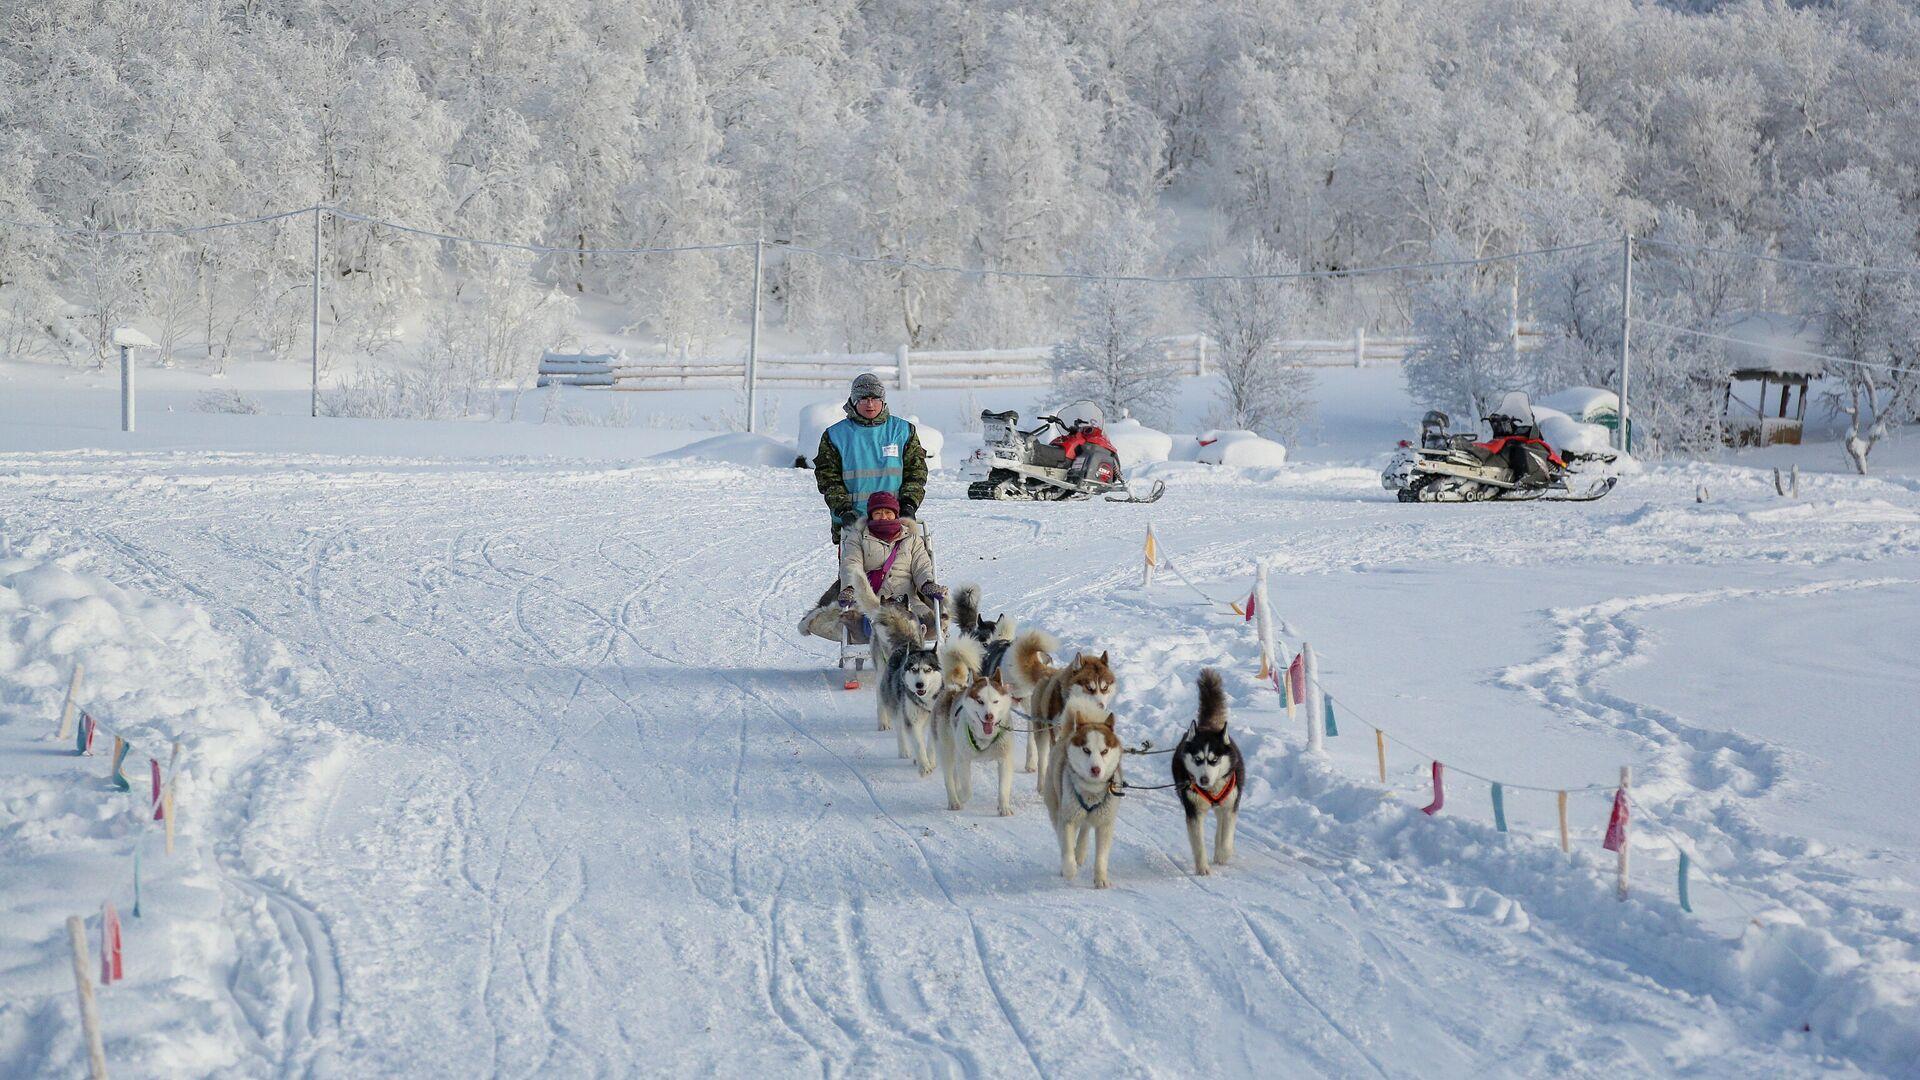 Туристы из Китая катаются на собачьих упряжках в туристическом парке Северное сияние в Мурманской области - РИА Новости, 1920, 18.03.2021